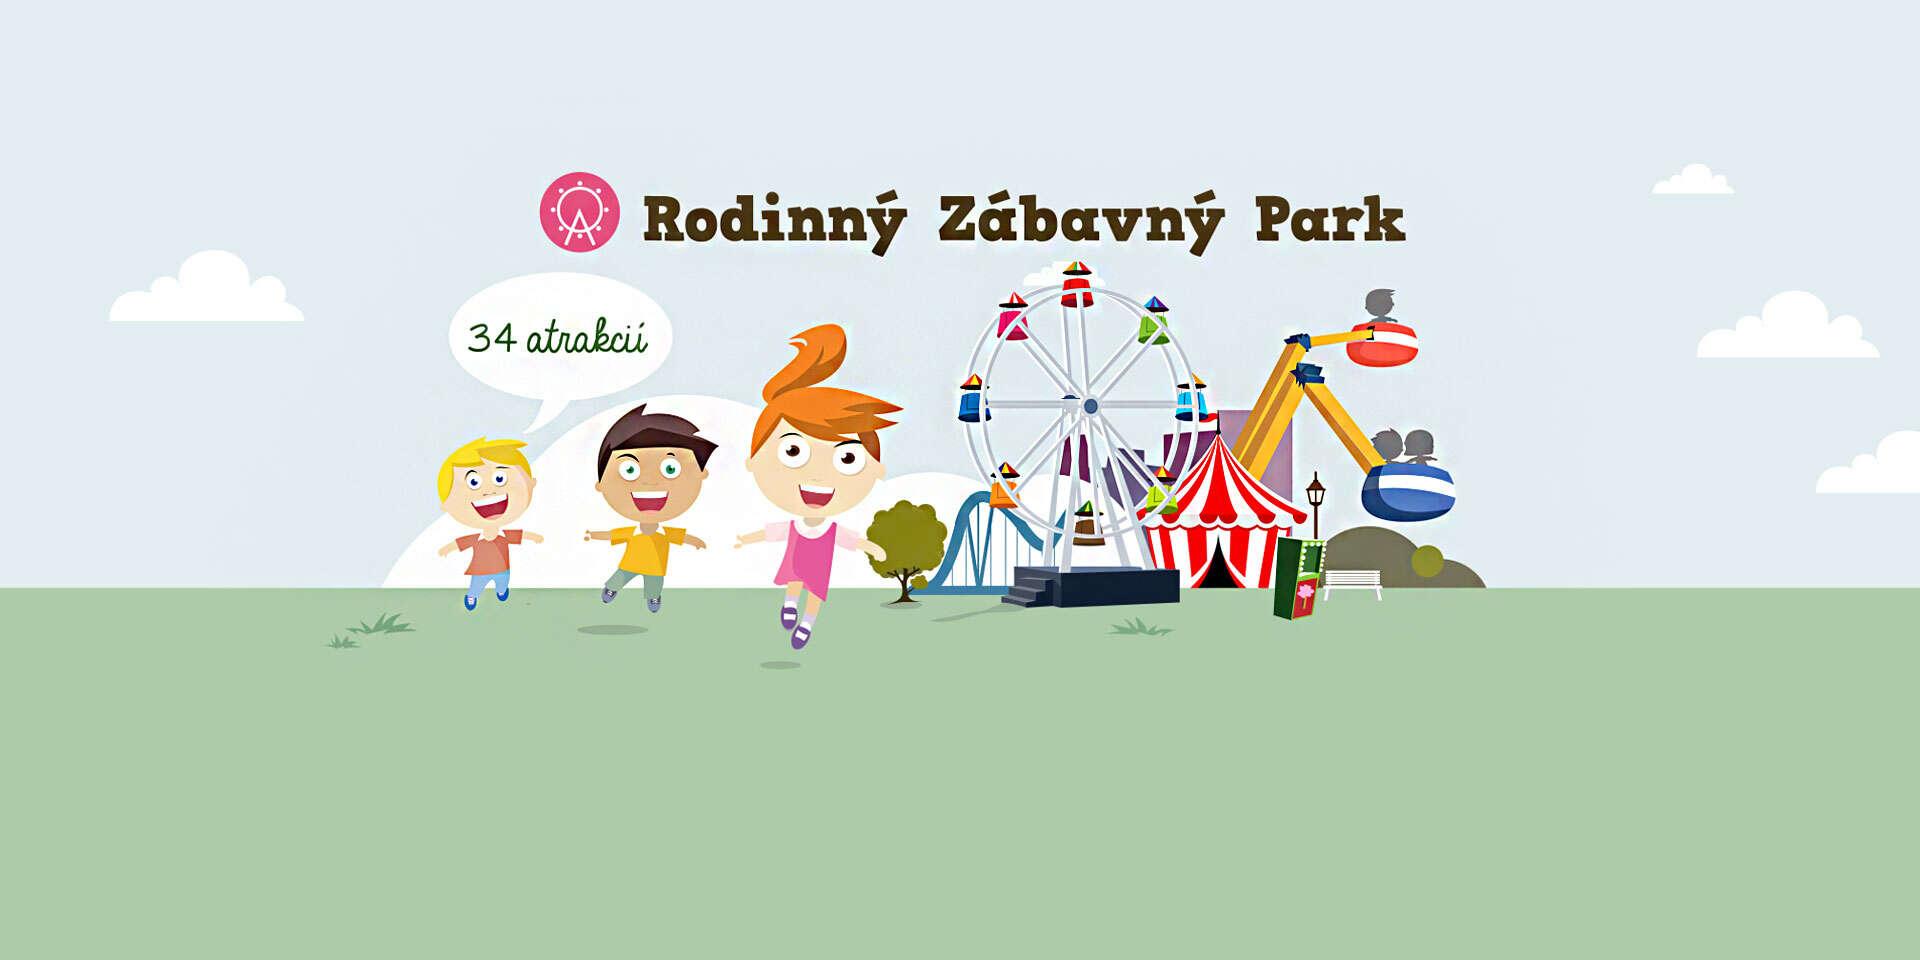 Zábavný park Rabkoland - nezabudnuteľný zážitok a odmena pre celú rodinu